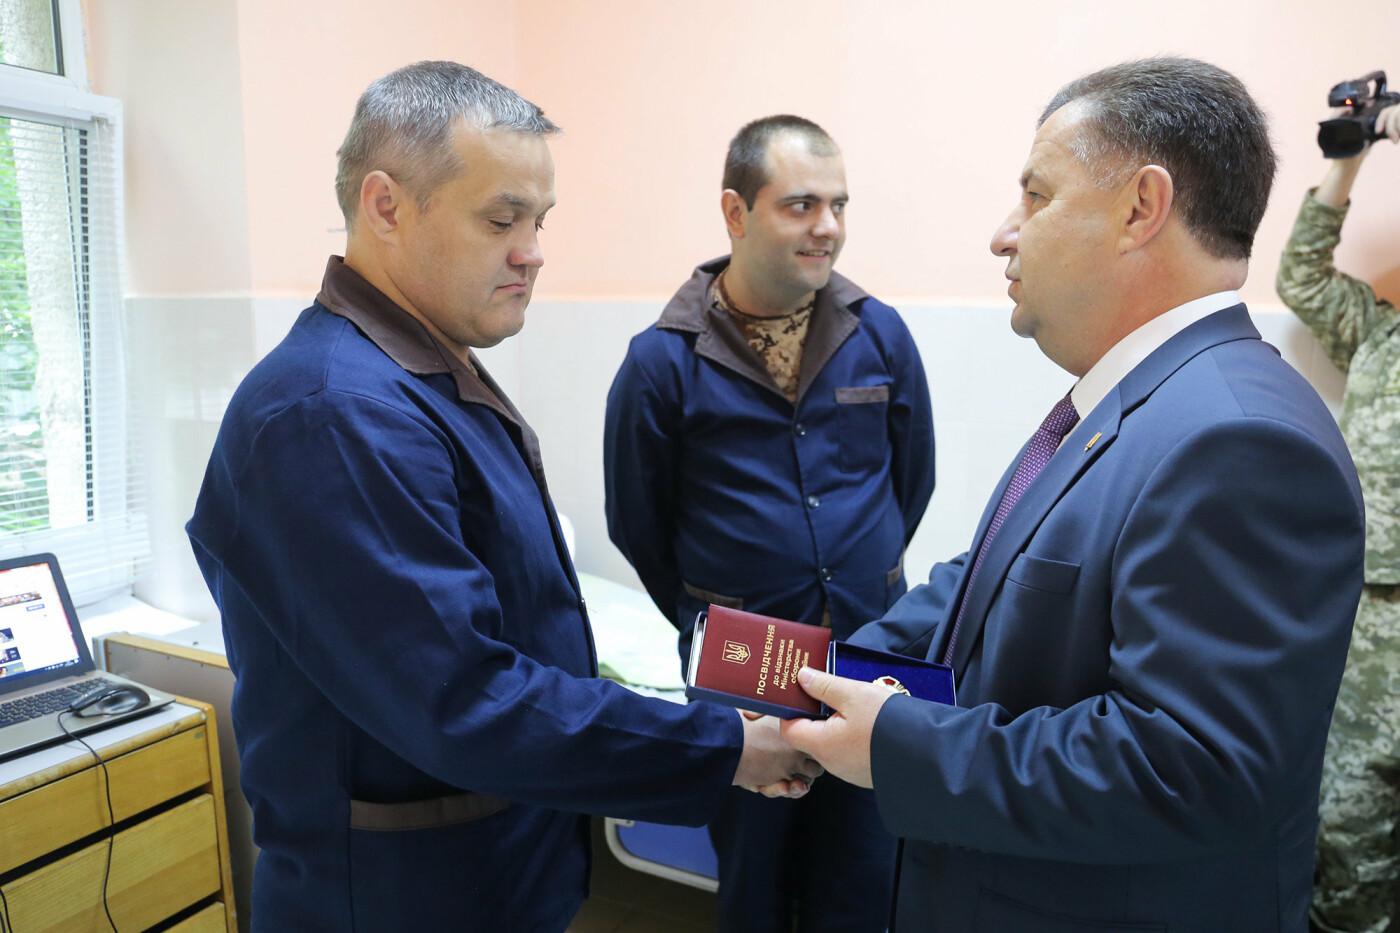 Міністр оборони Полторак відвідав бійців у закарпатському військовому госпіталі (ФОТО), фото-2